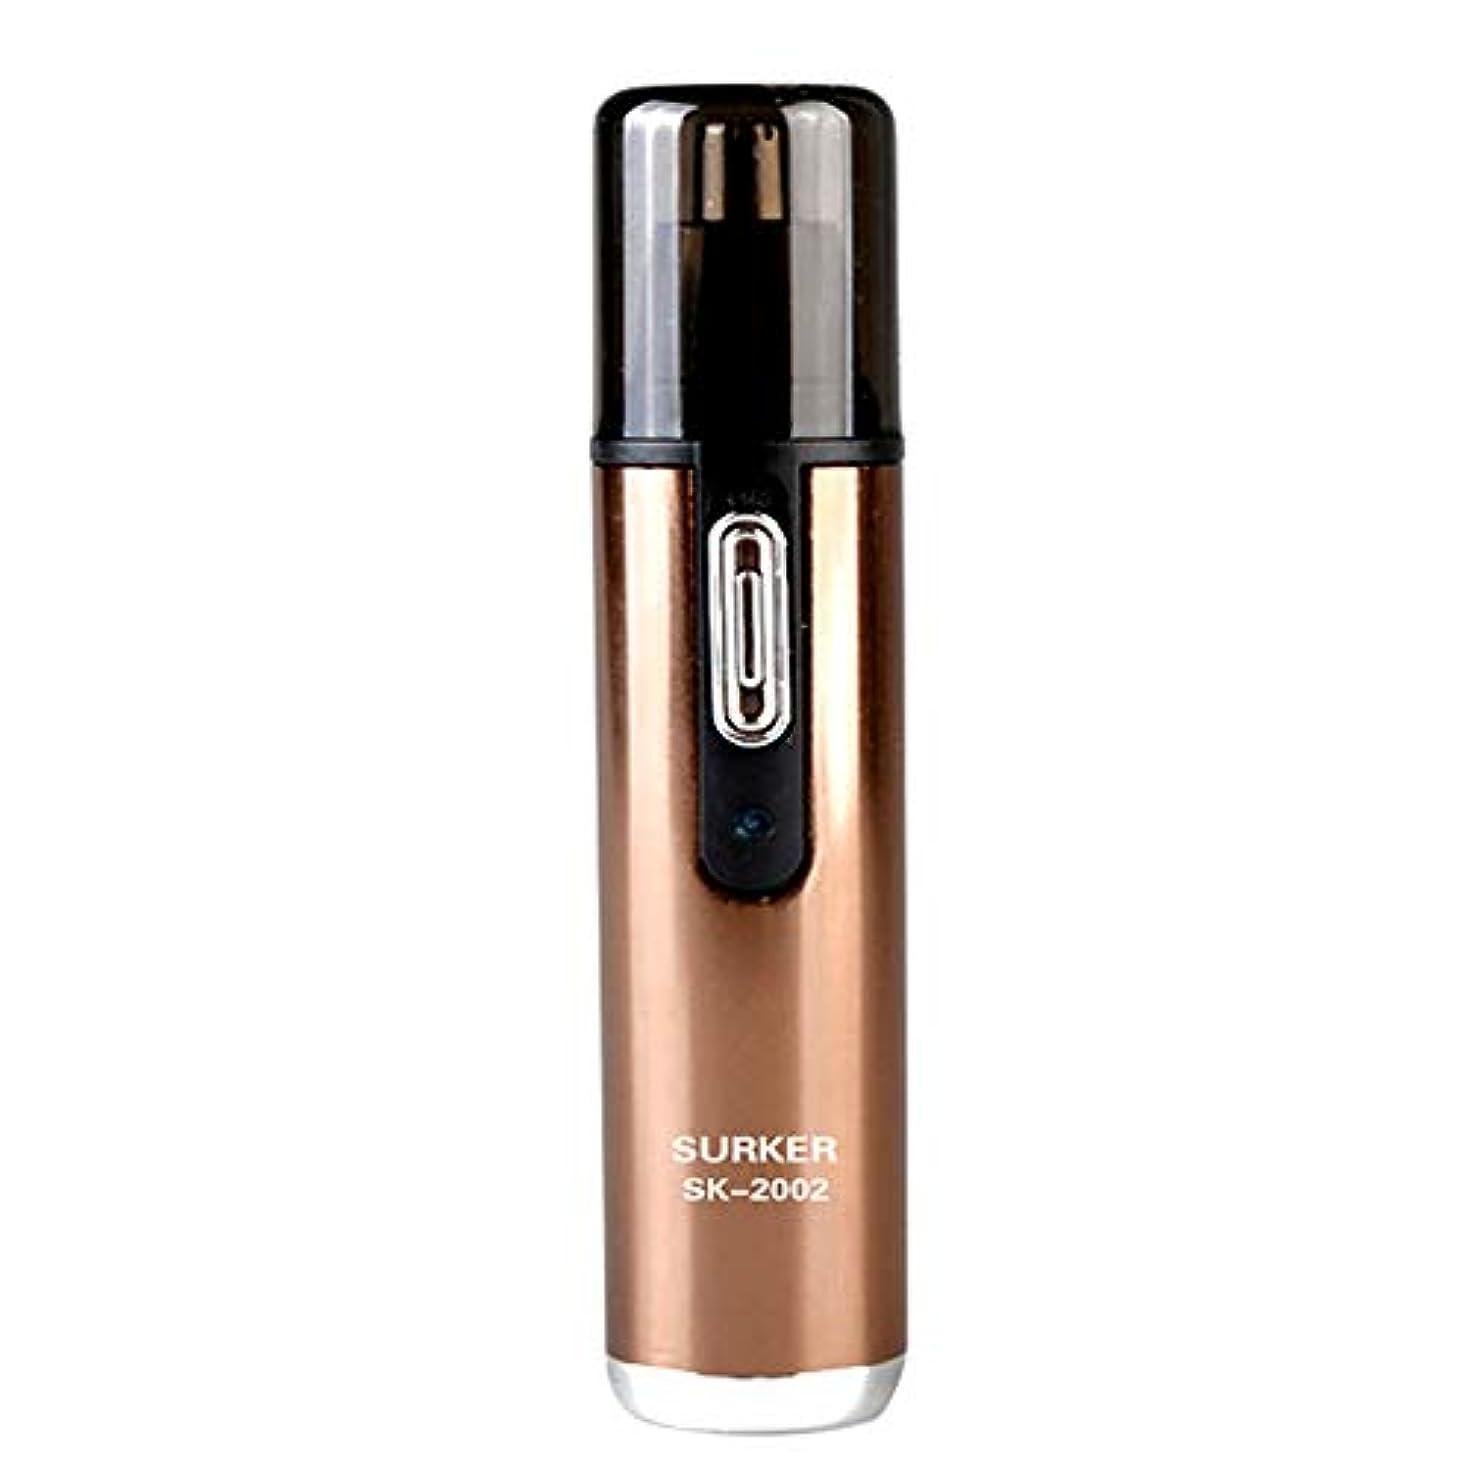 まもなく初期の物質鼻のヘアトリマーは使いやすいです男性と女性のための50 dB以下の内部360°回転でノイズのある明るいLEDライトで、保護カバーで掃除しやすいです